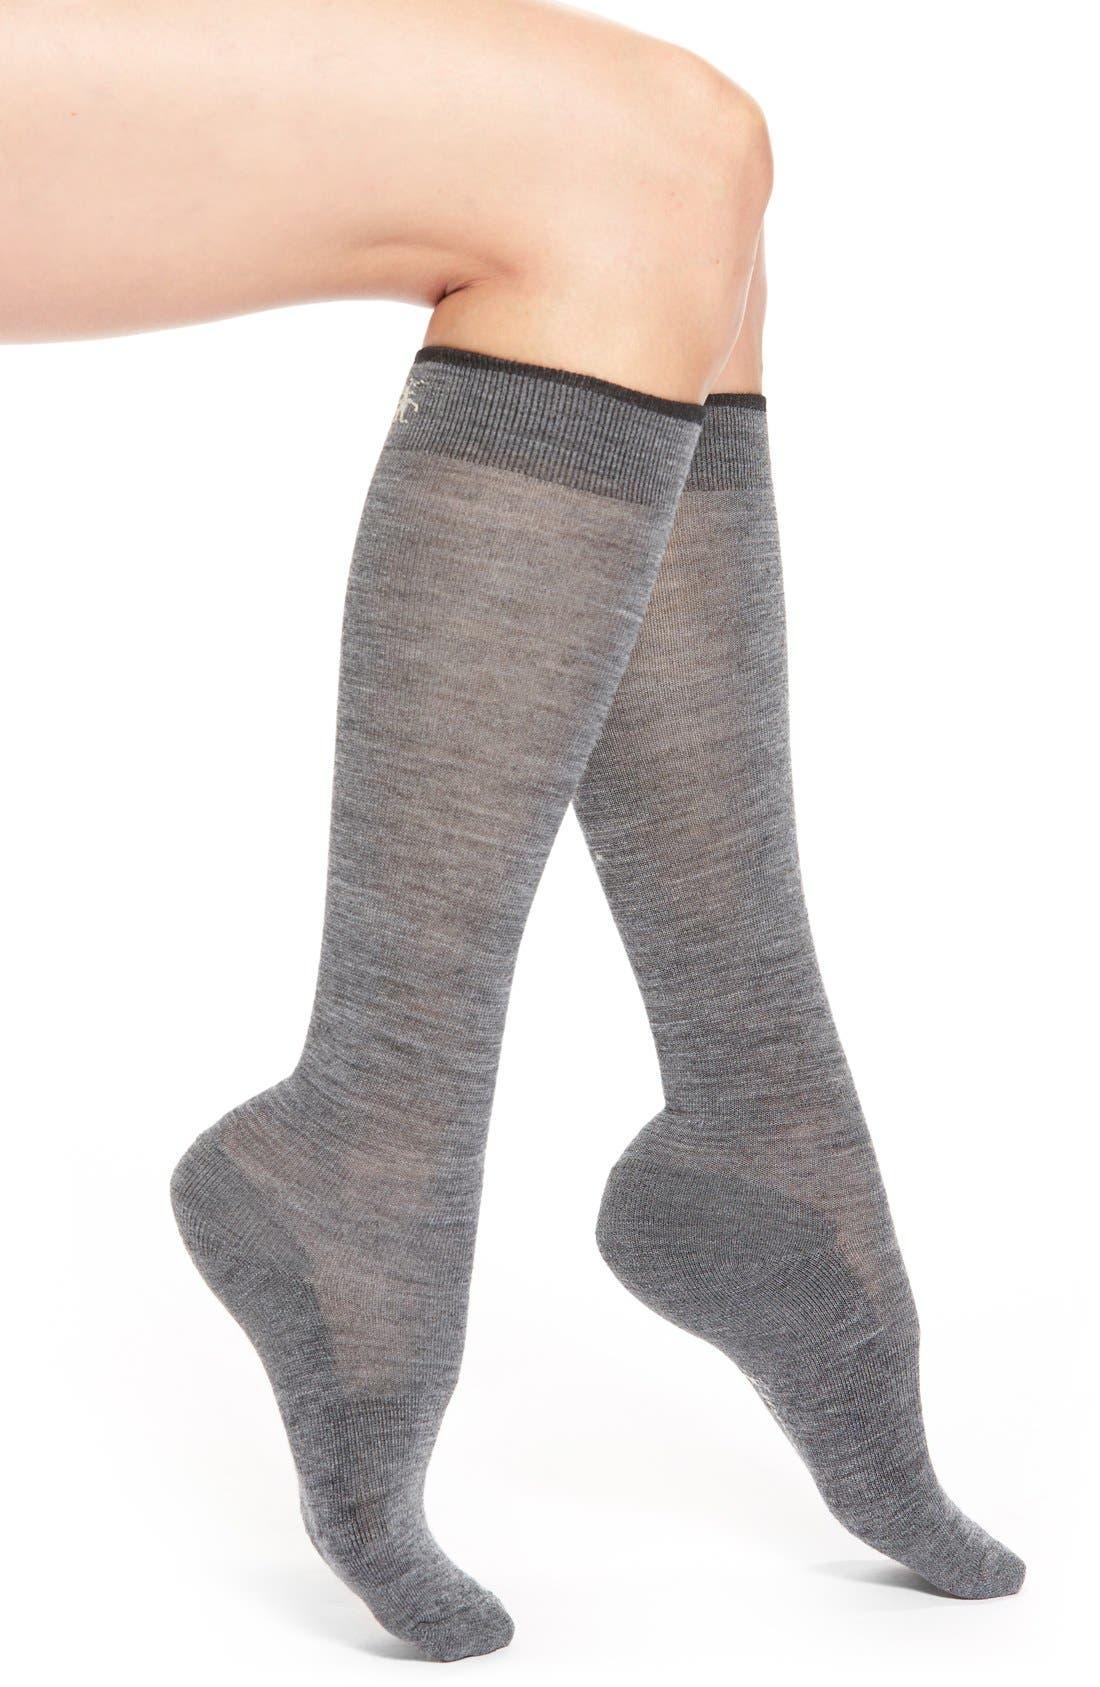 Alternate Image 1 Selected - SmartwoolMerino Wool Blend Knee High Socks